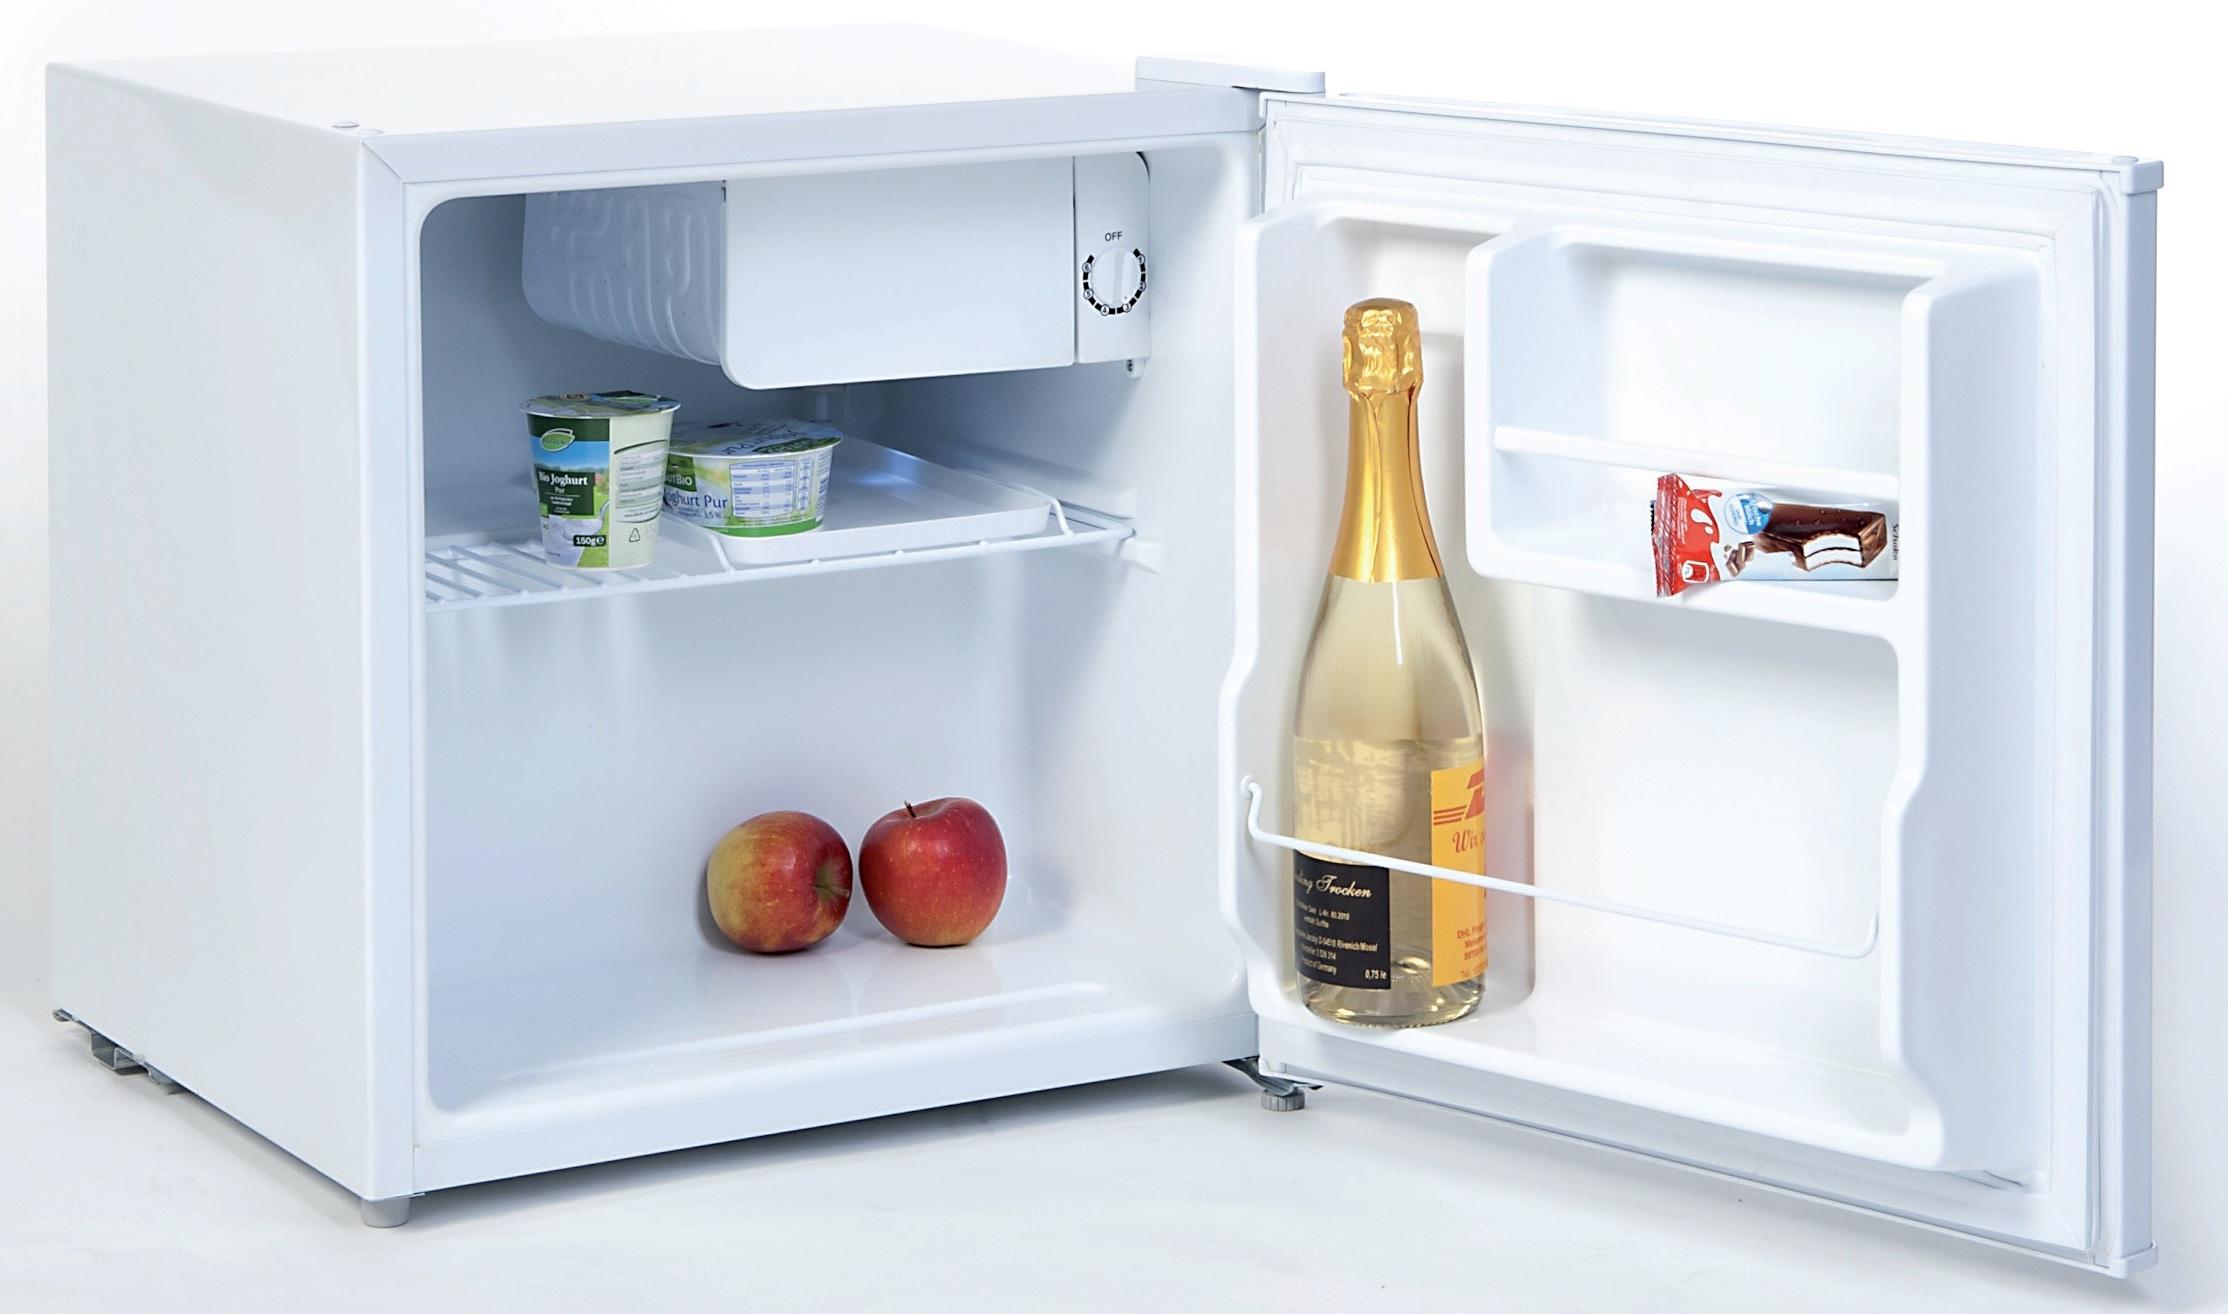 Kühlschrank Klein Mit Gefrierfach : Kühlbox a mit tiefkühlfach kühlschrank weiß mini klein büro camping